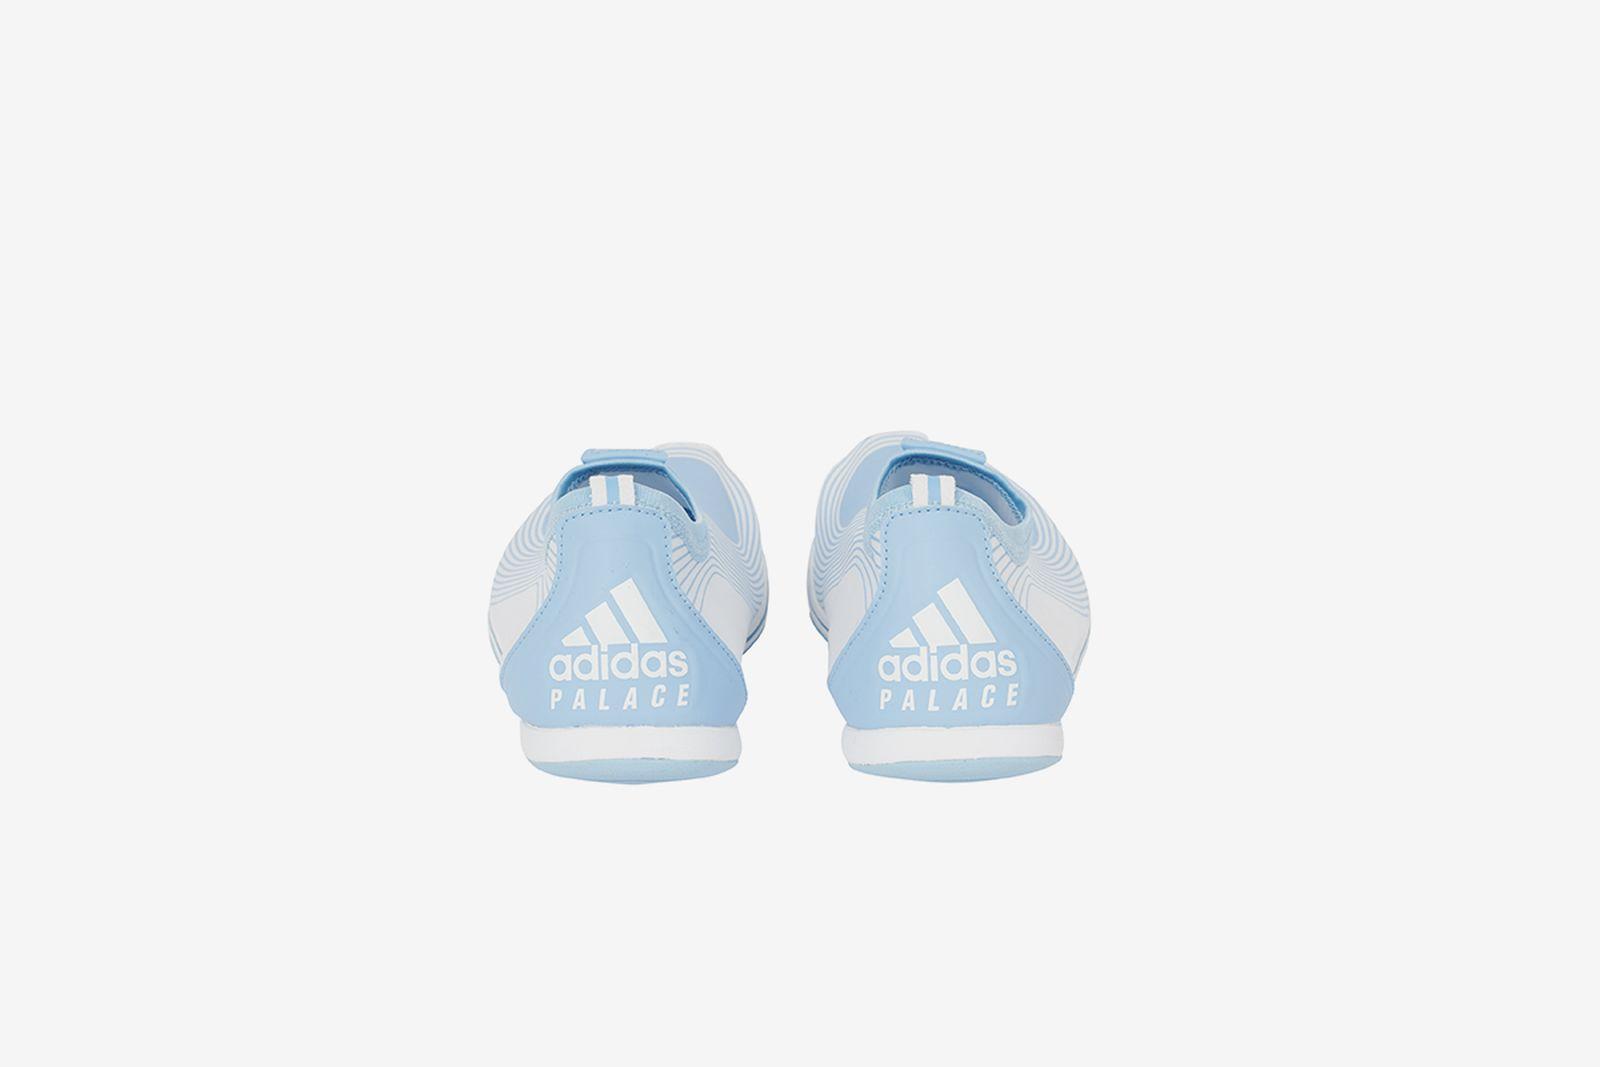 palace-adidas-fw20-3-03